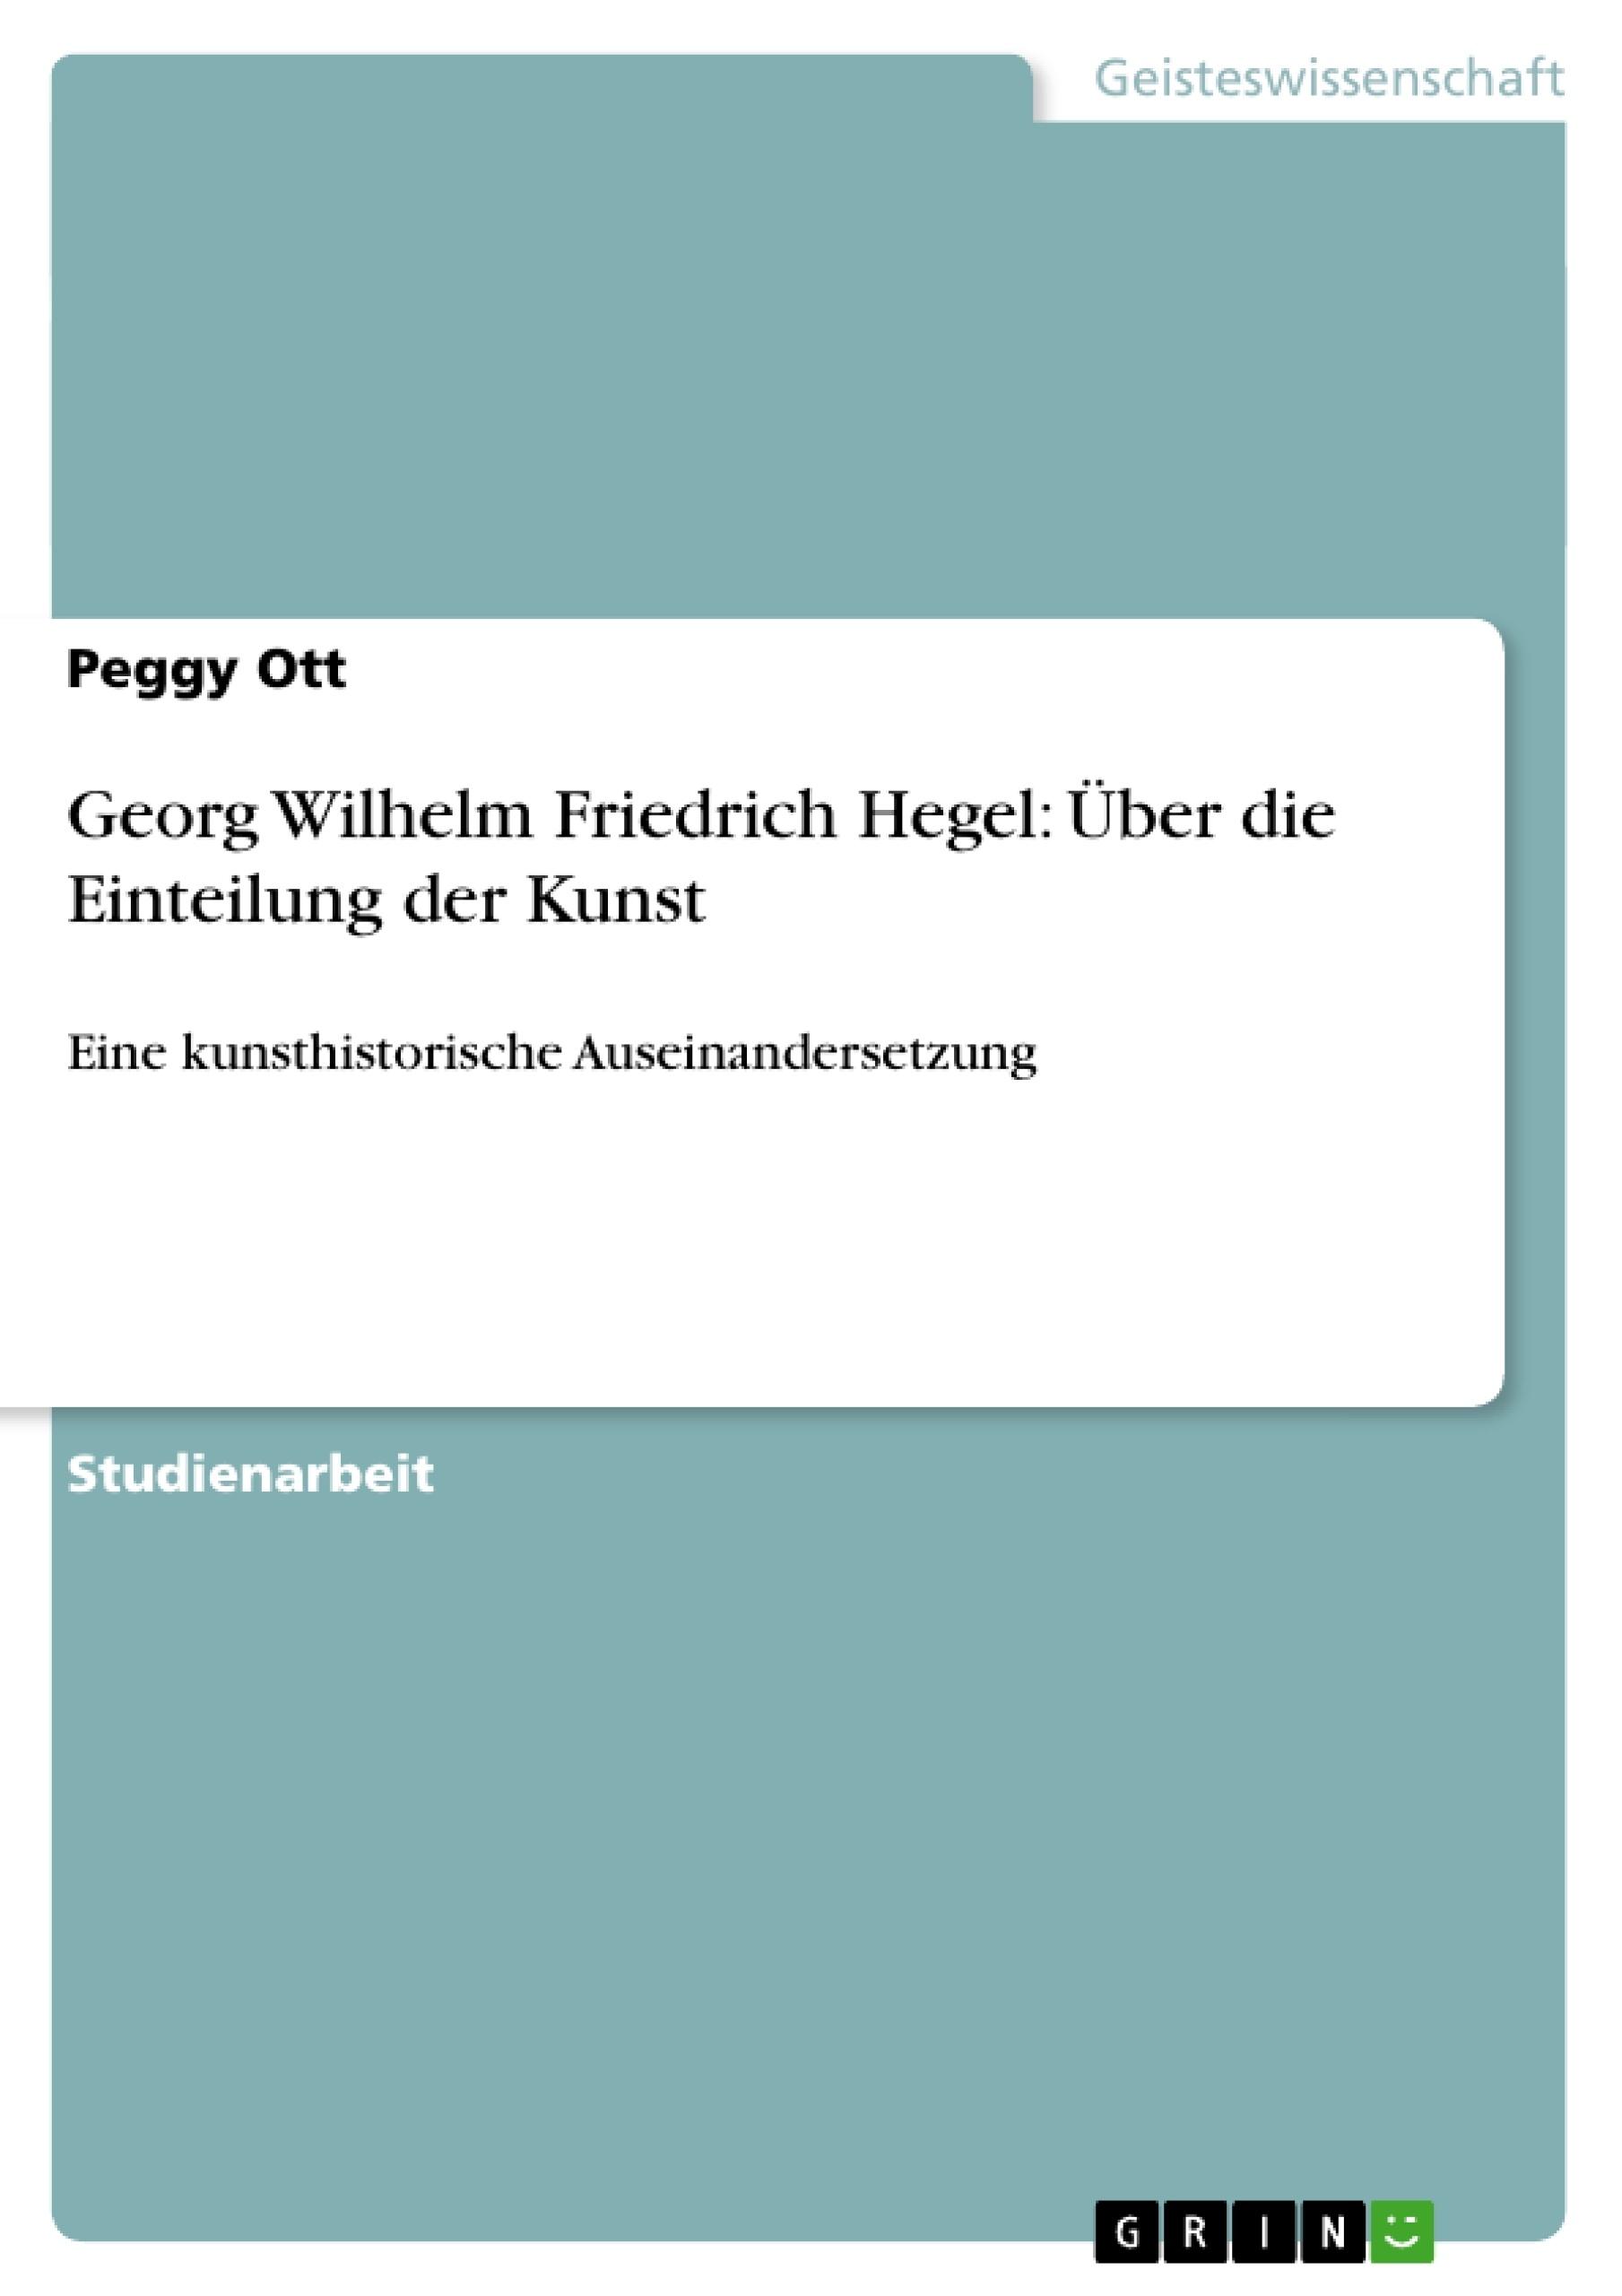 Titel: Georg Wilhelm Friedrich Hegel: Über die Einteilung der Kunst